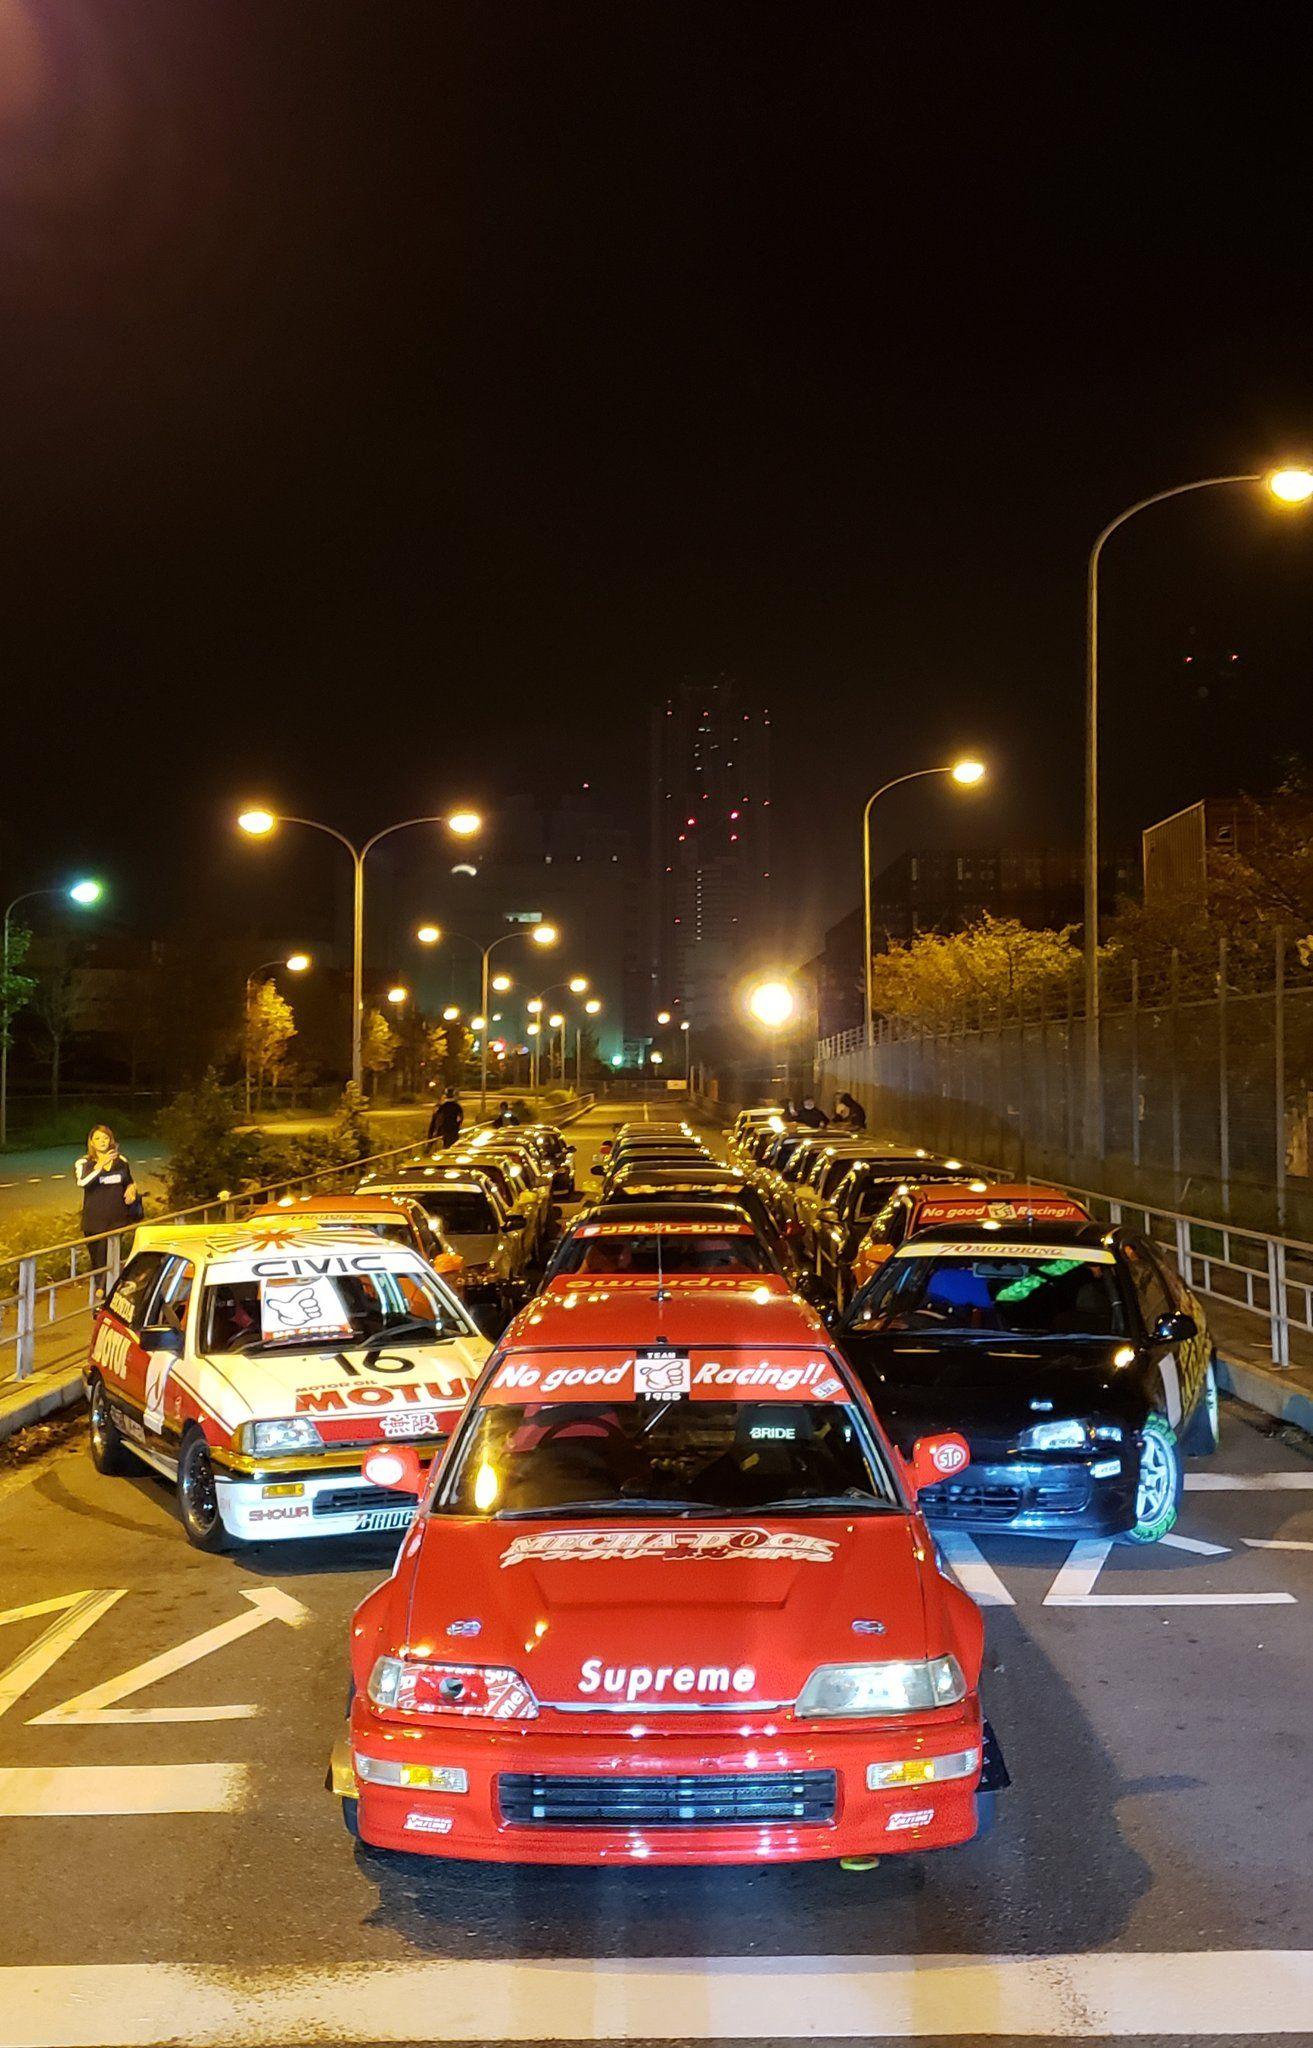 皐輝 on Classic japanese cars, Street racing cars, Japan cars